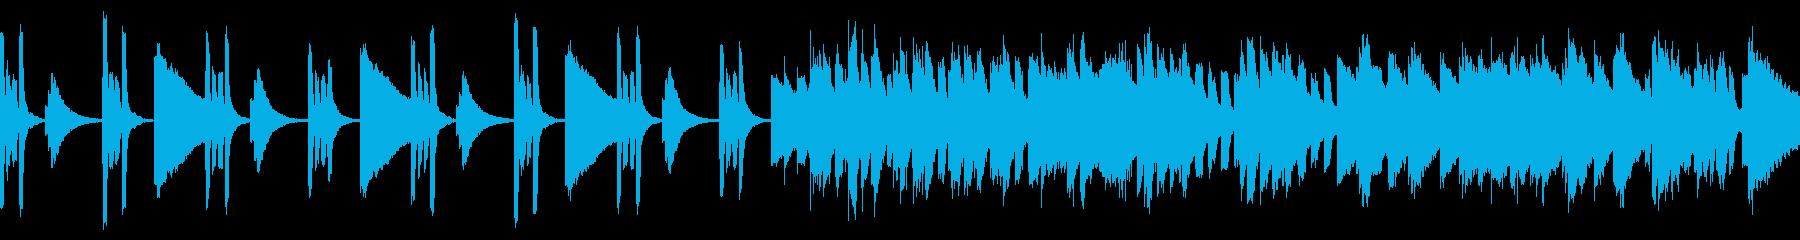 心躍るようなピアノポップスの再生済みの波形